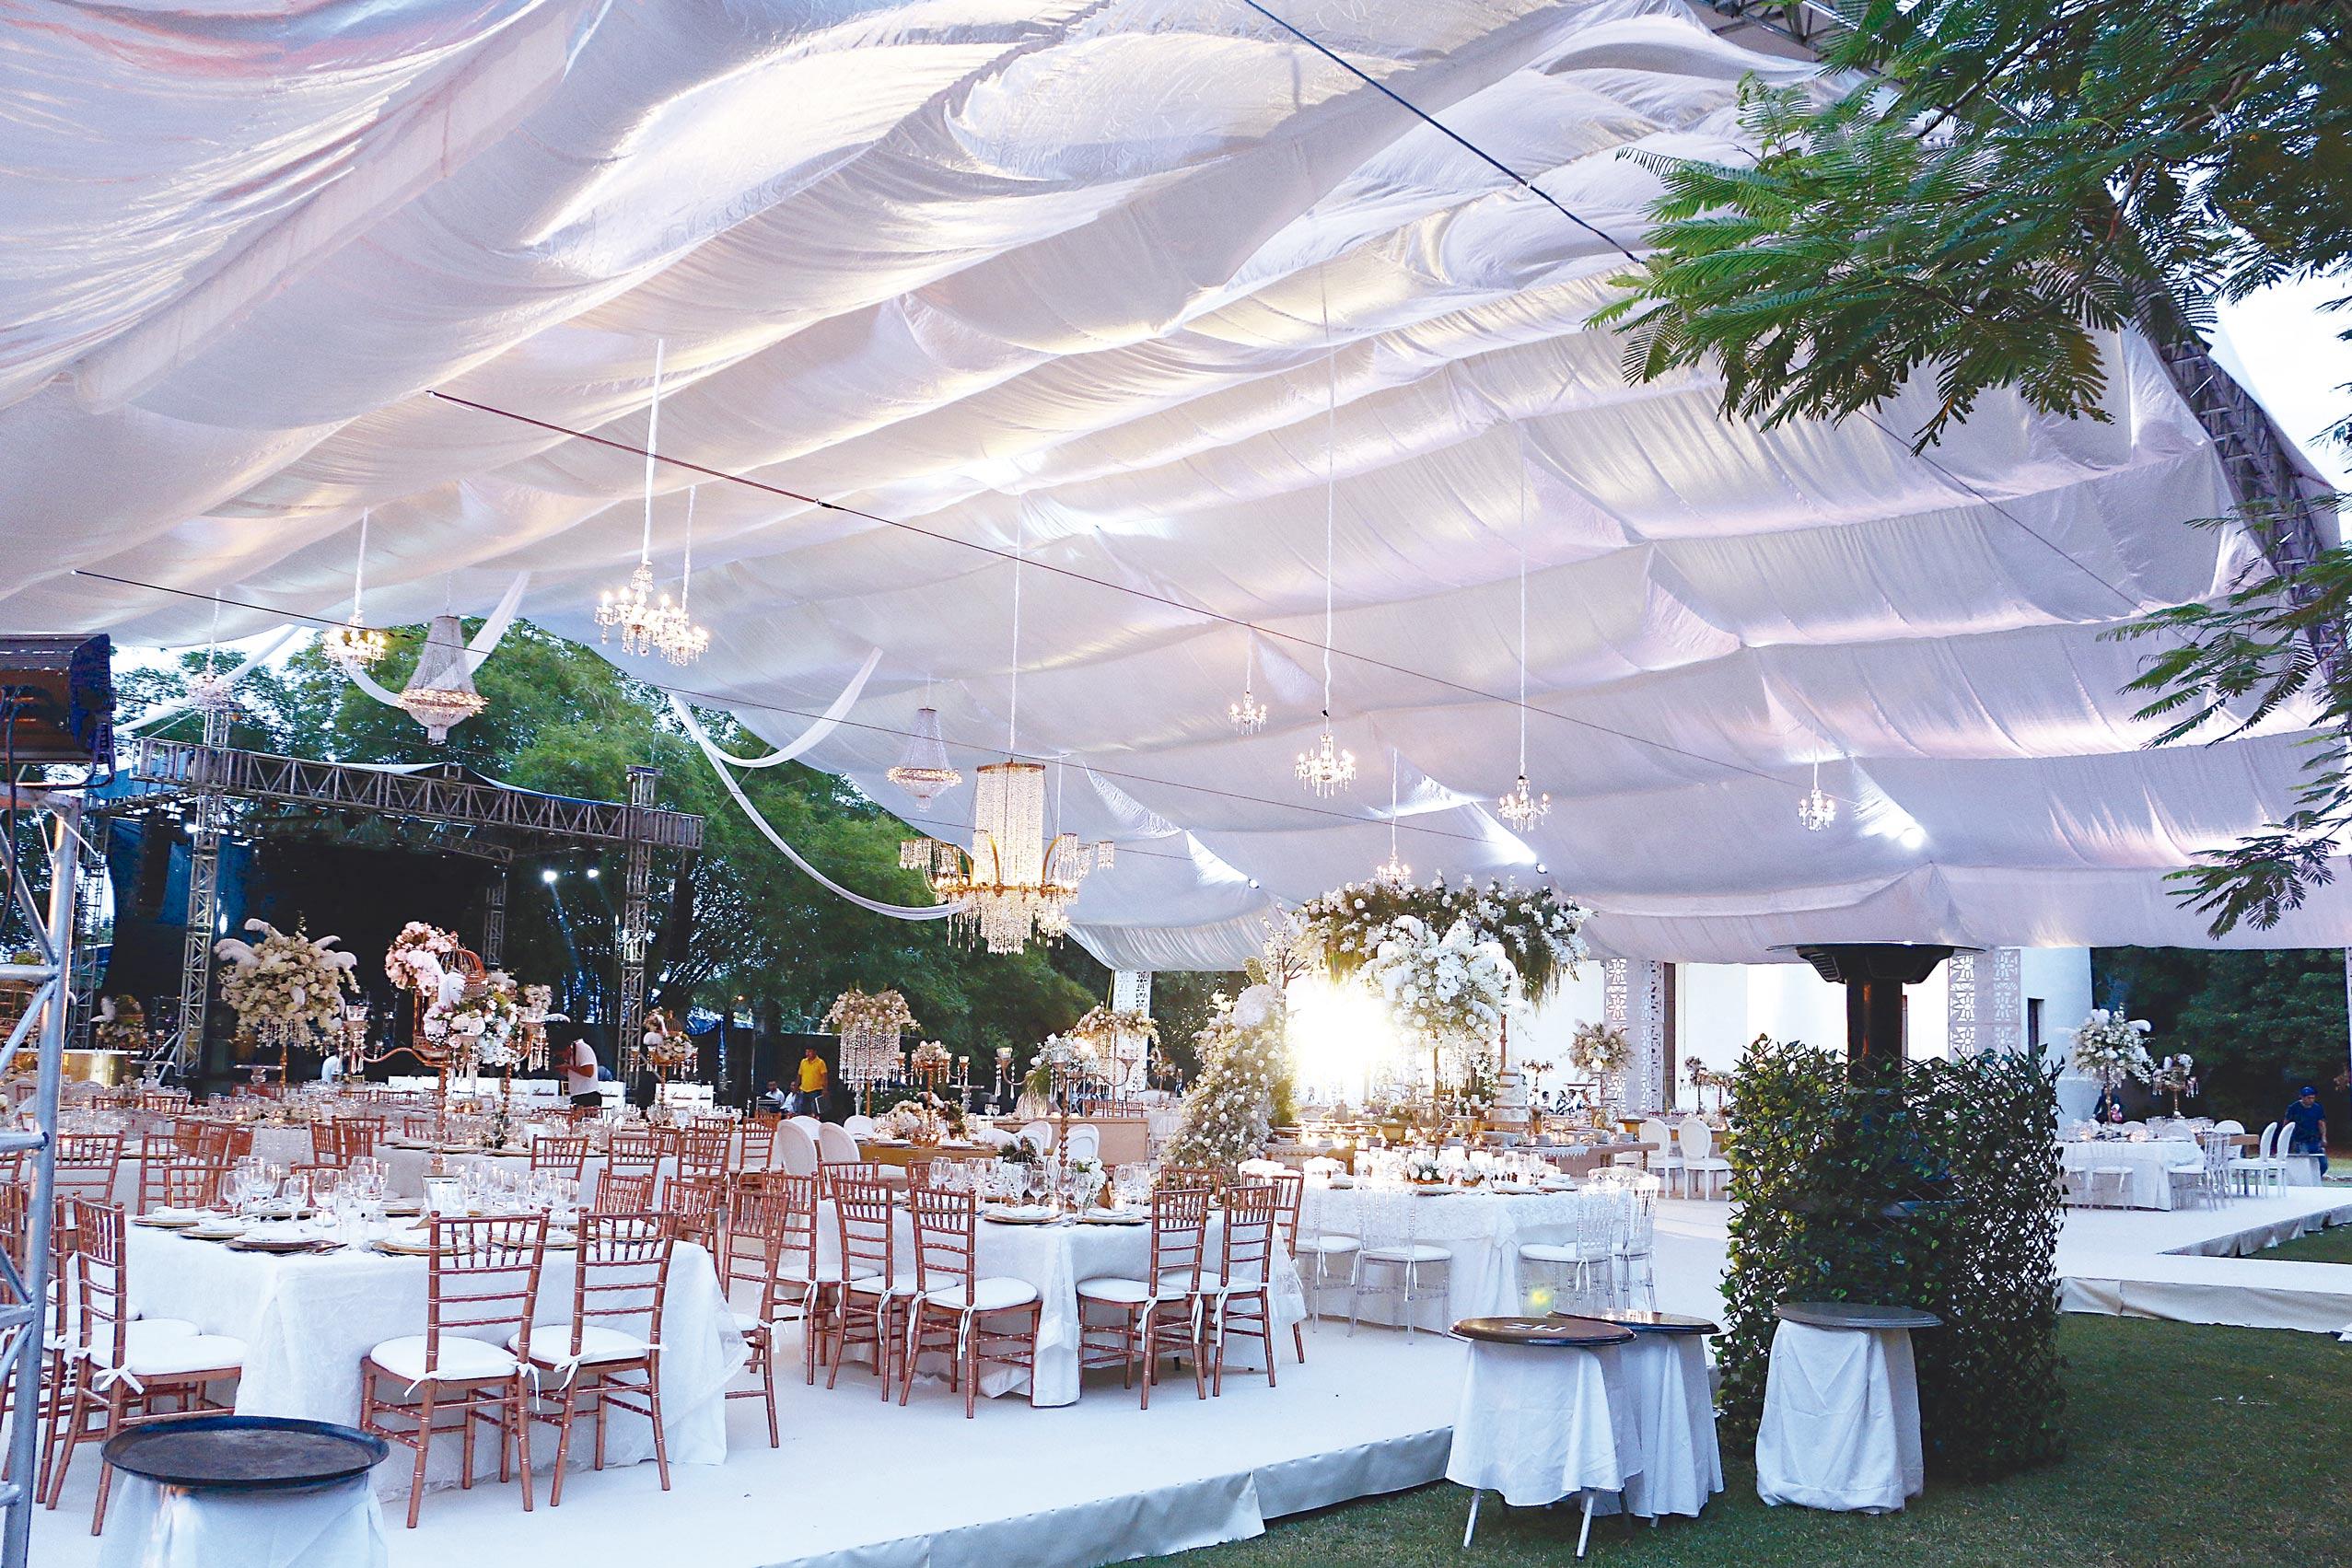 Bodas espectaculares - Ideas para bodas espectaculares ...